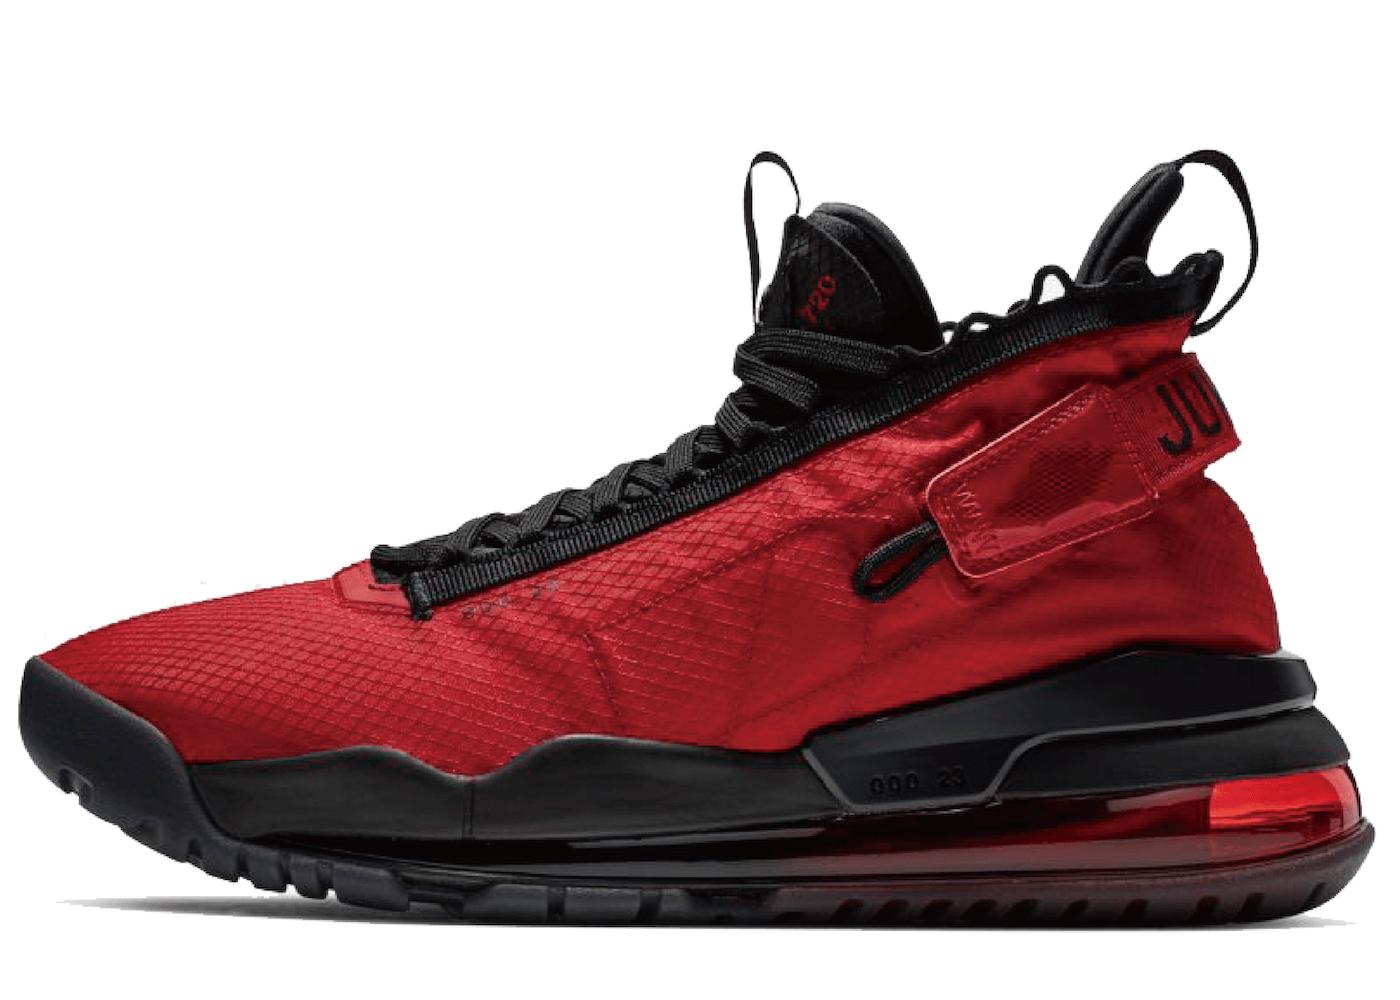 Nike Air Jordan Proto Max 720 Gym Red Blackの写真